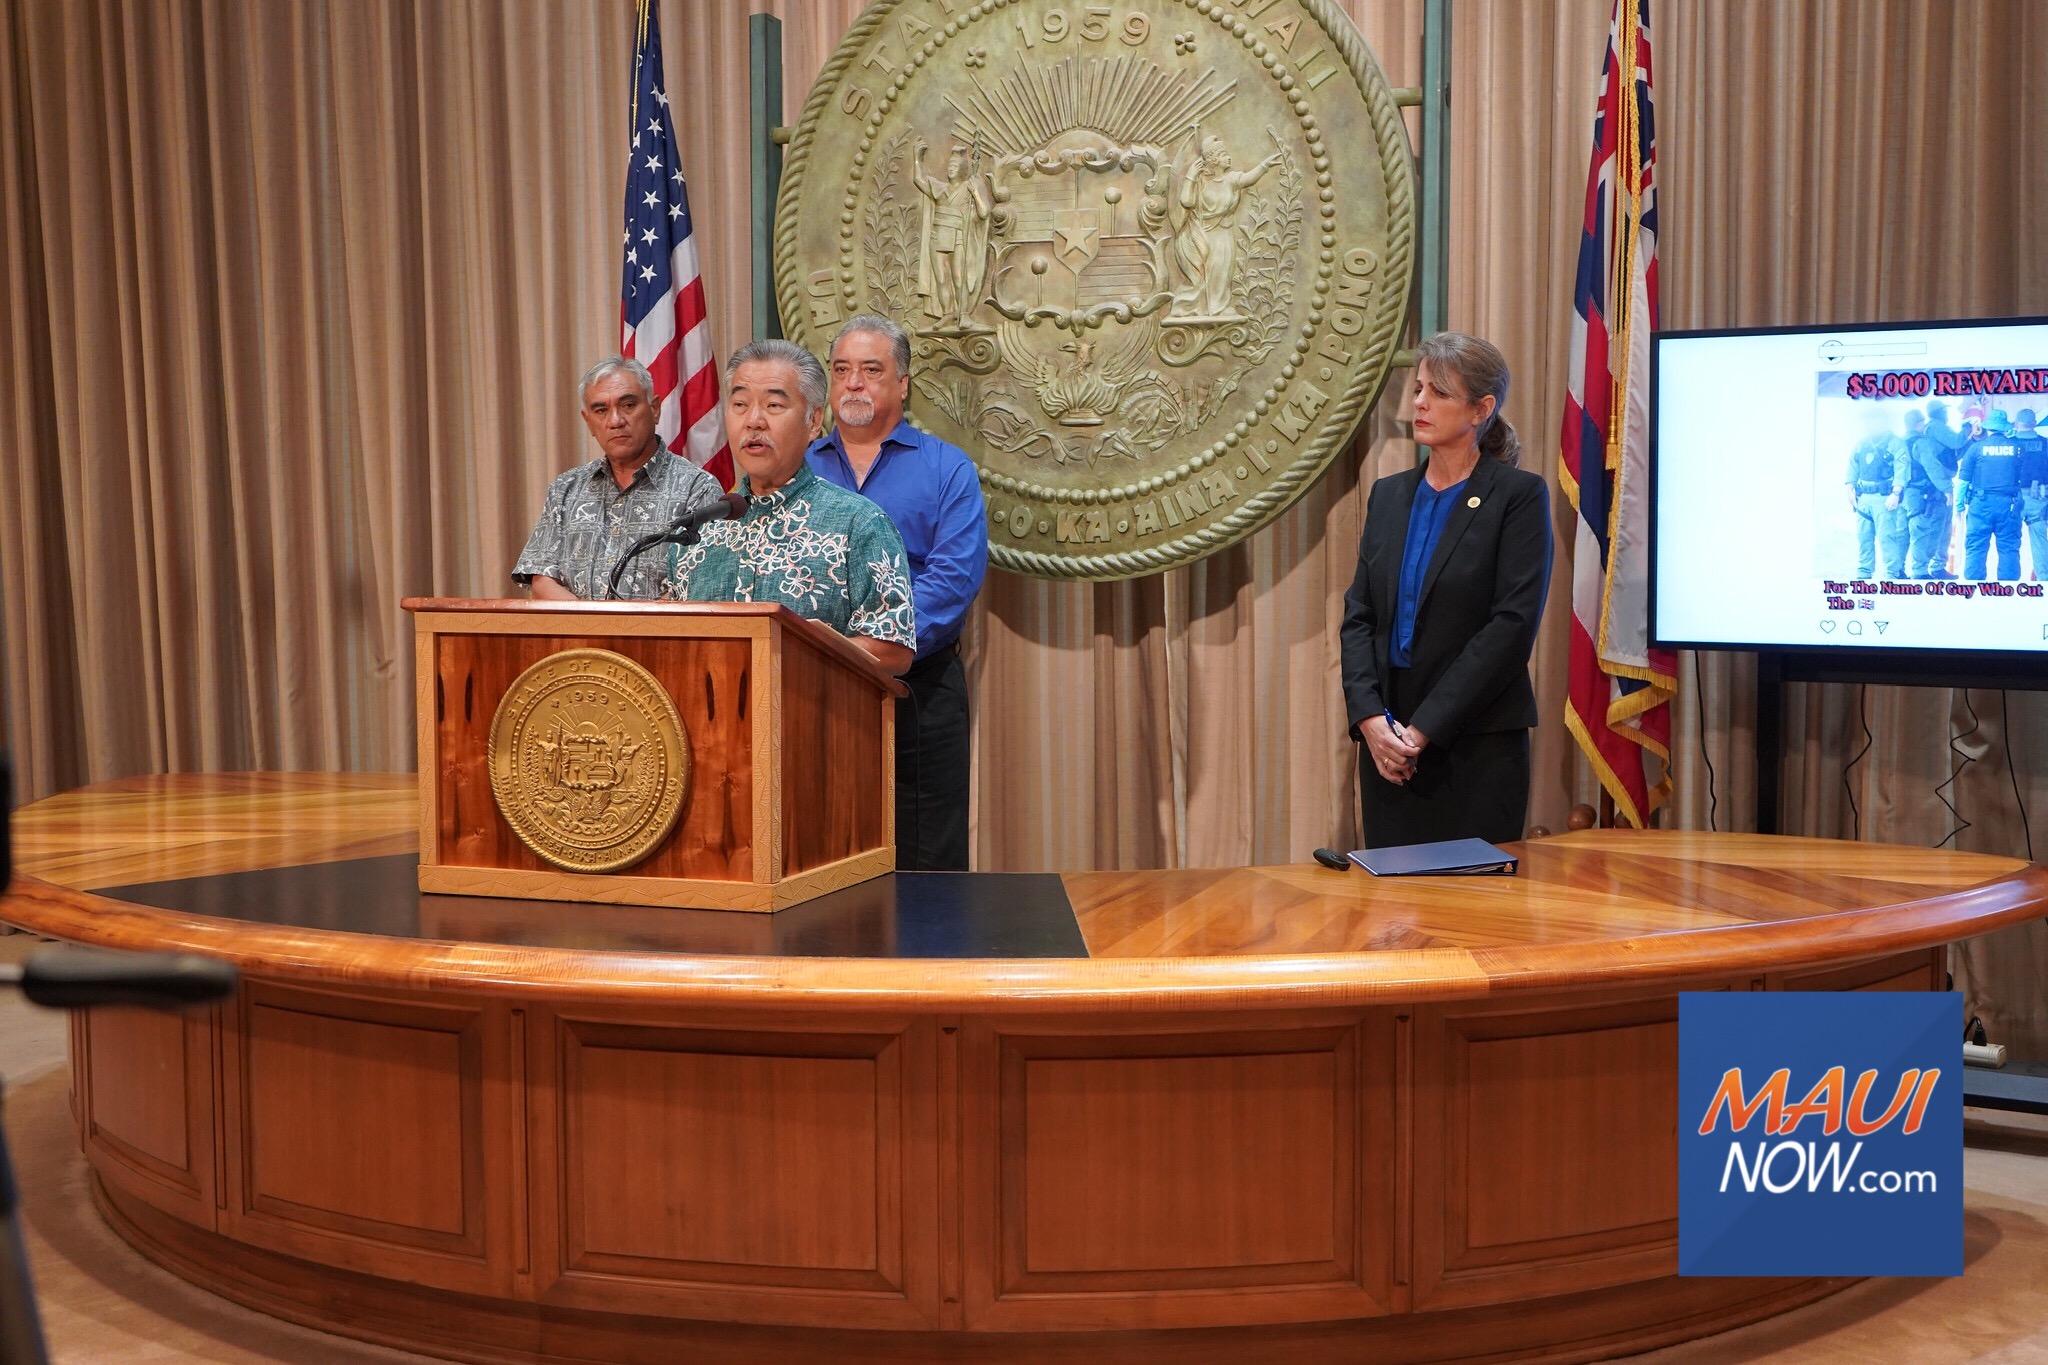 """State Decries """"False Narratives"""" at Maunakea; Protectors Maintain Practice of """"Kapu Aloha"""""""